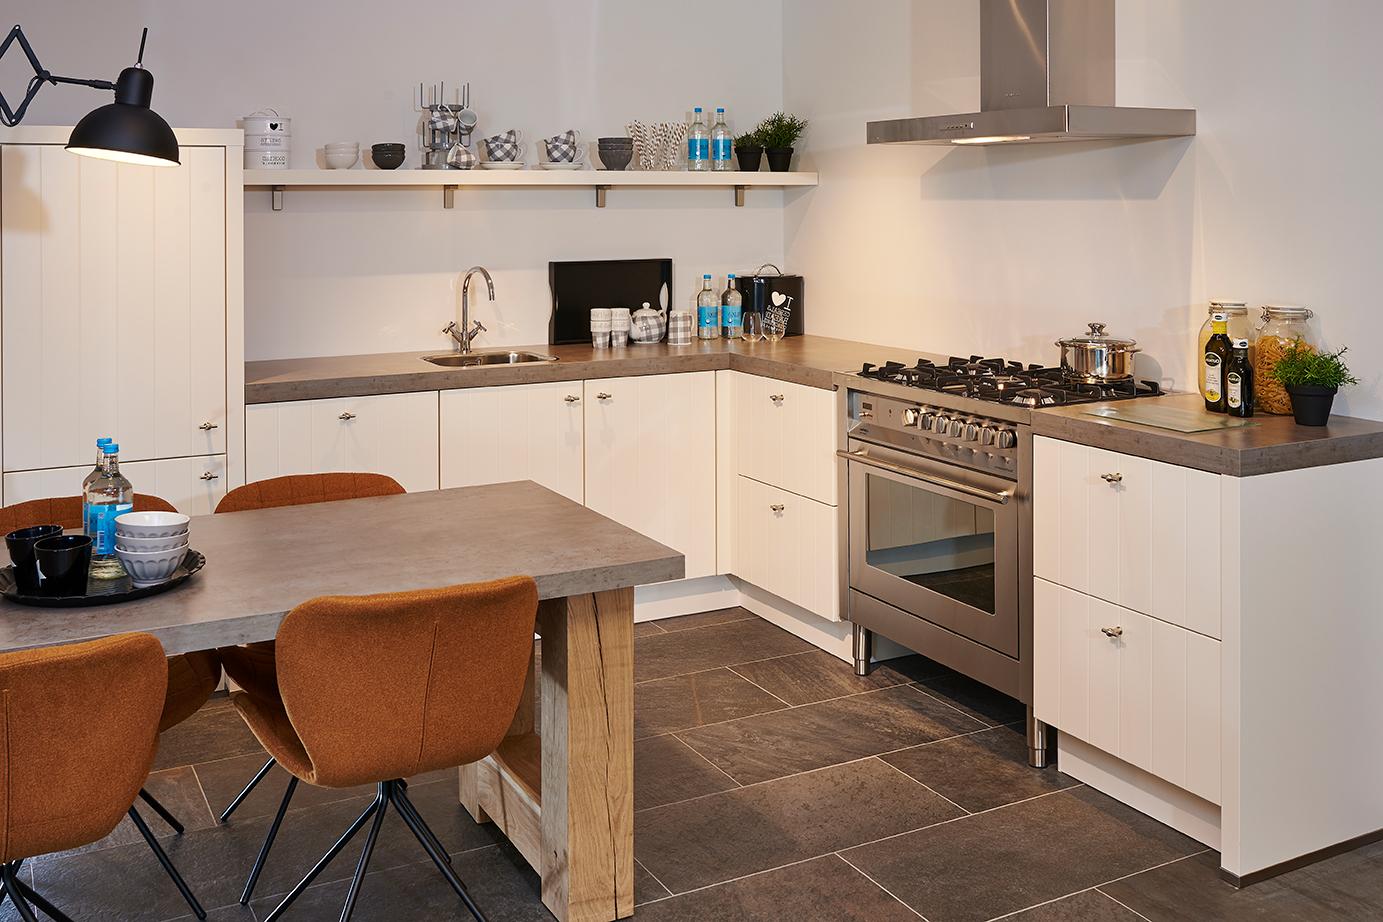 Landelijk Keuken Modern : Landelijke keukens kopen bekijk voorbeelden db keukens